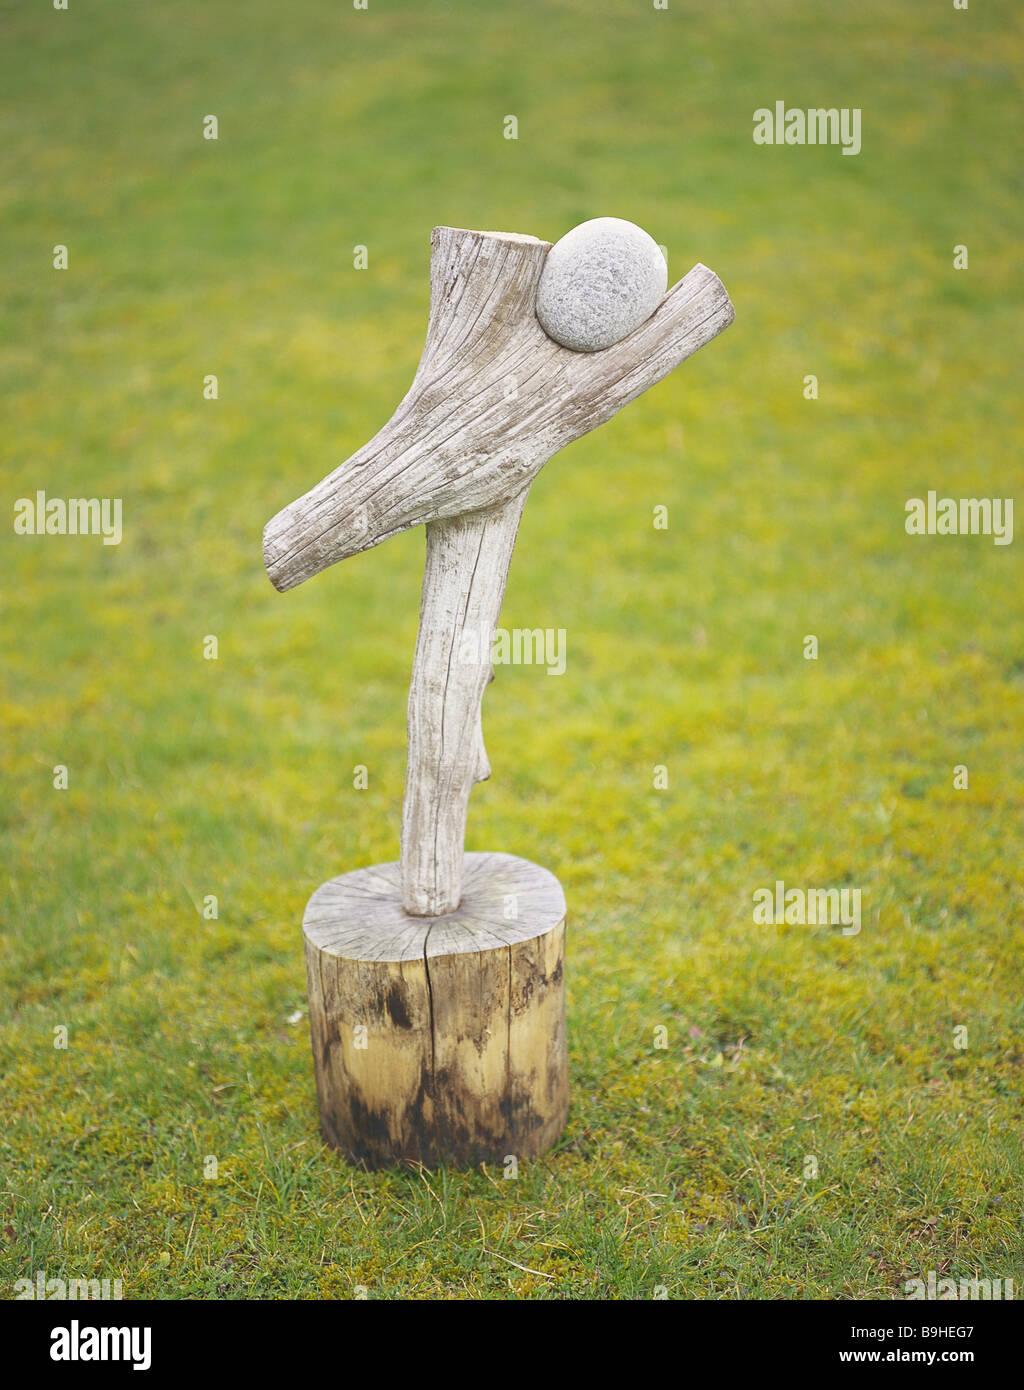 Natur Kunst Holz Stein Wiese Garten Rasen Aus Holz Sockel Kunstwerk